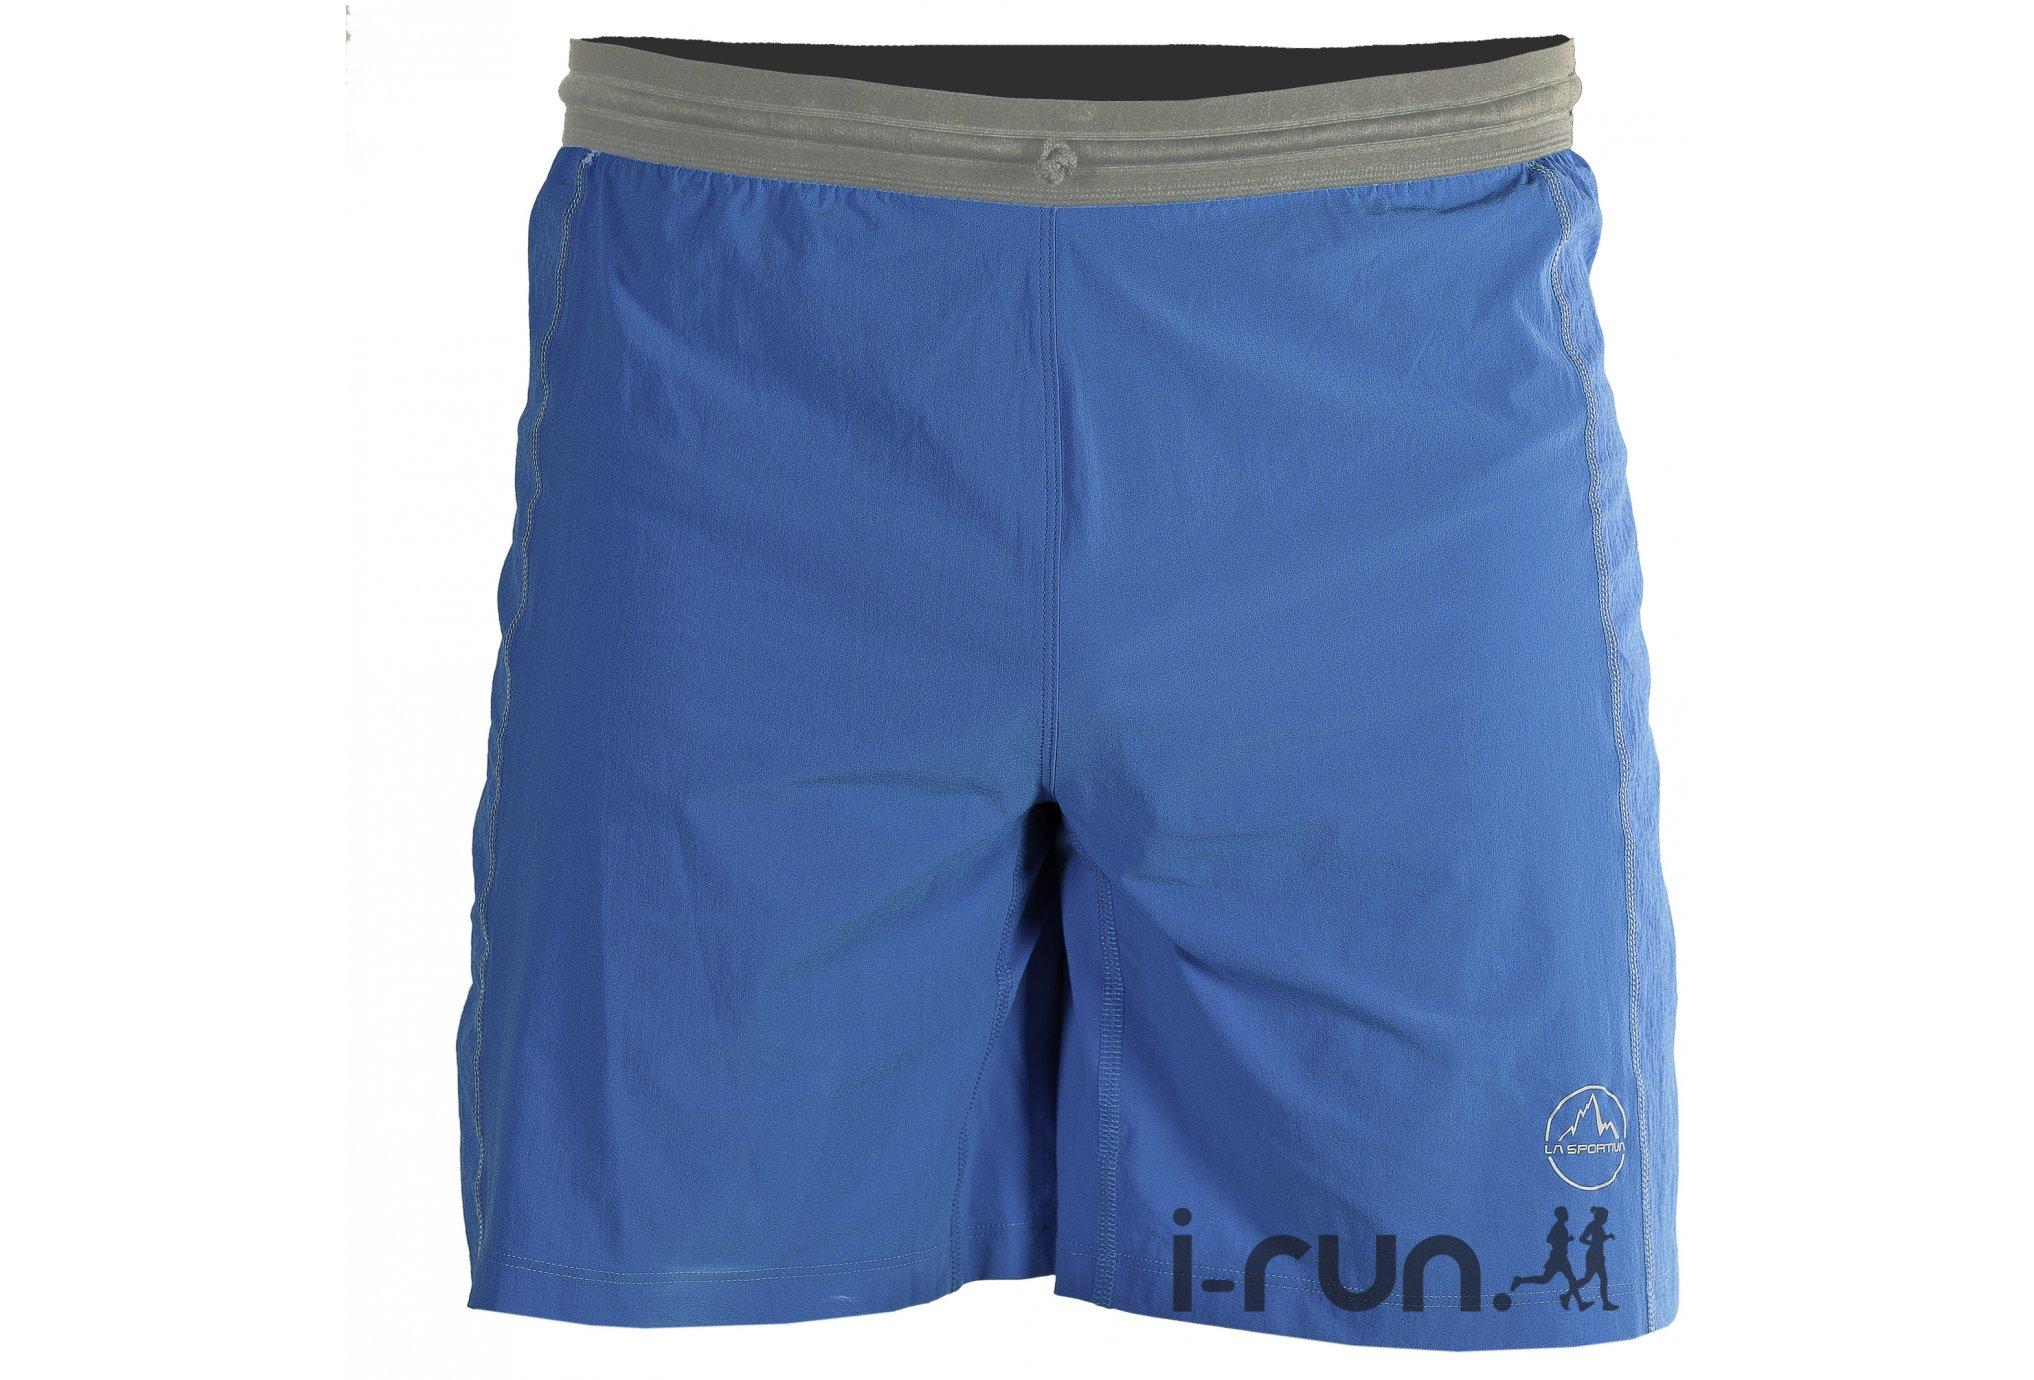 La Sportiva Short Gravity M Diététique Vêtements homme